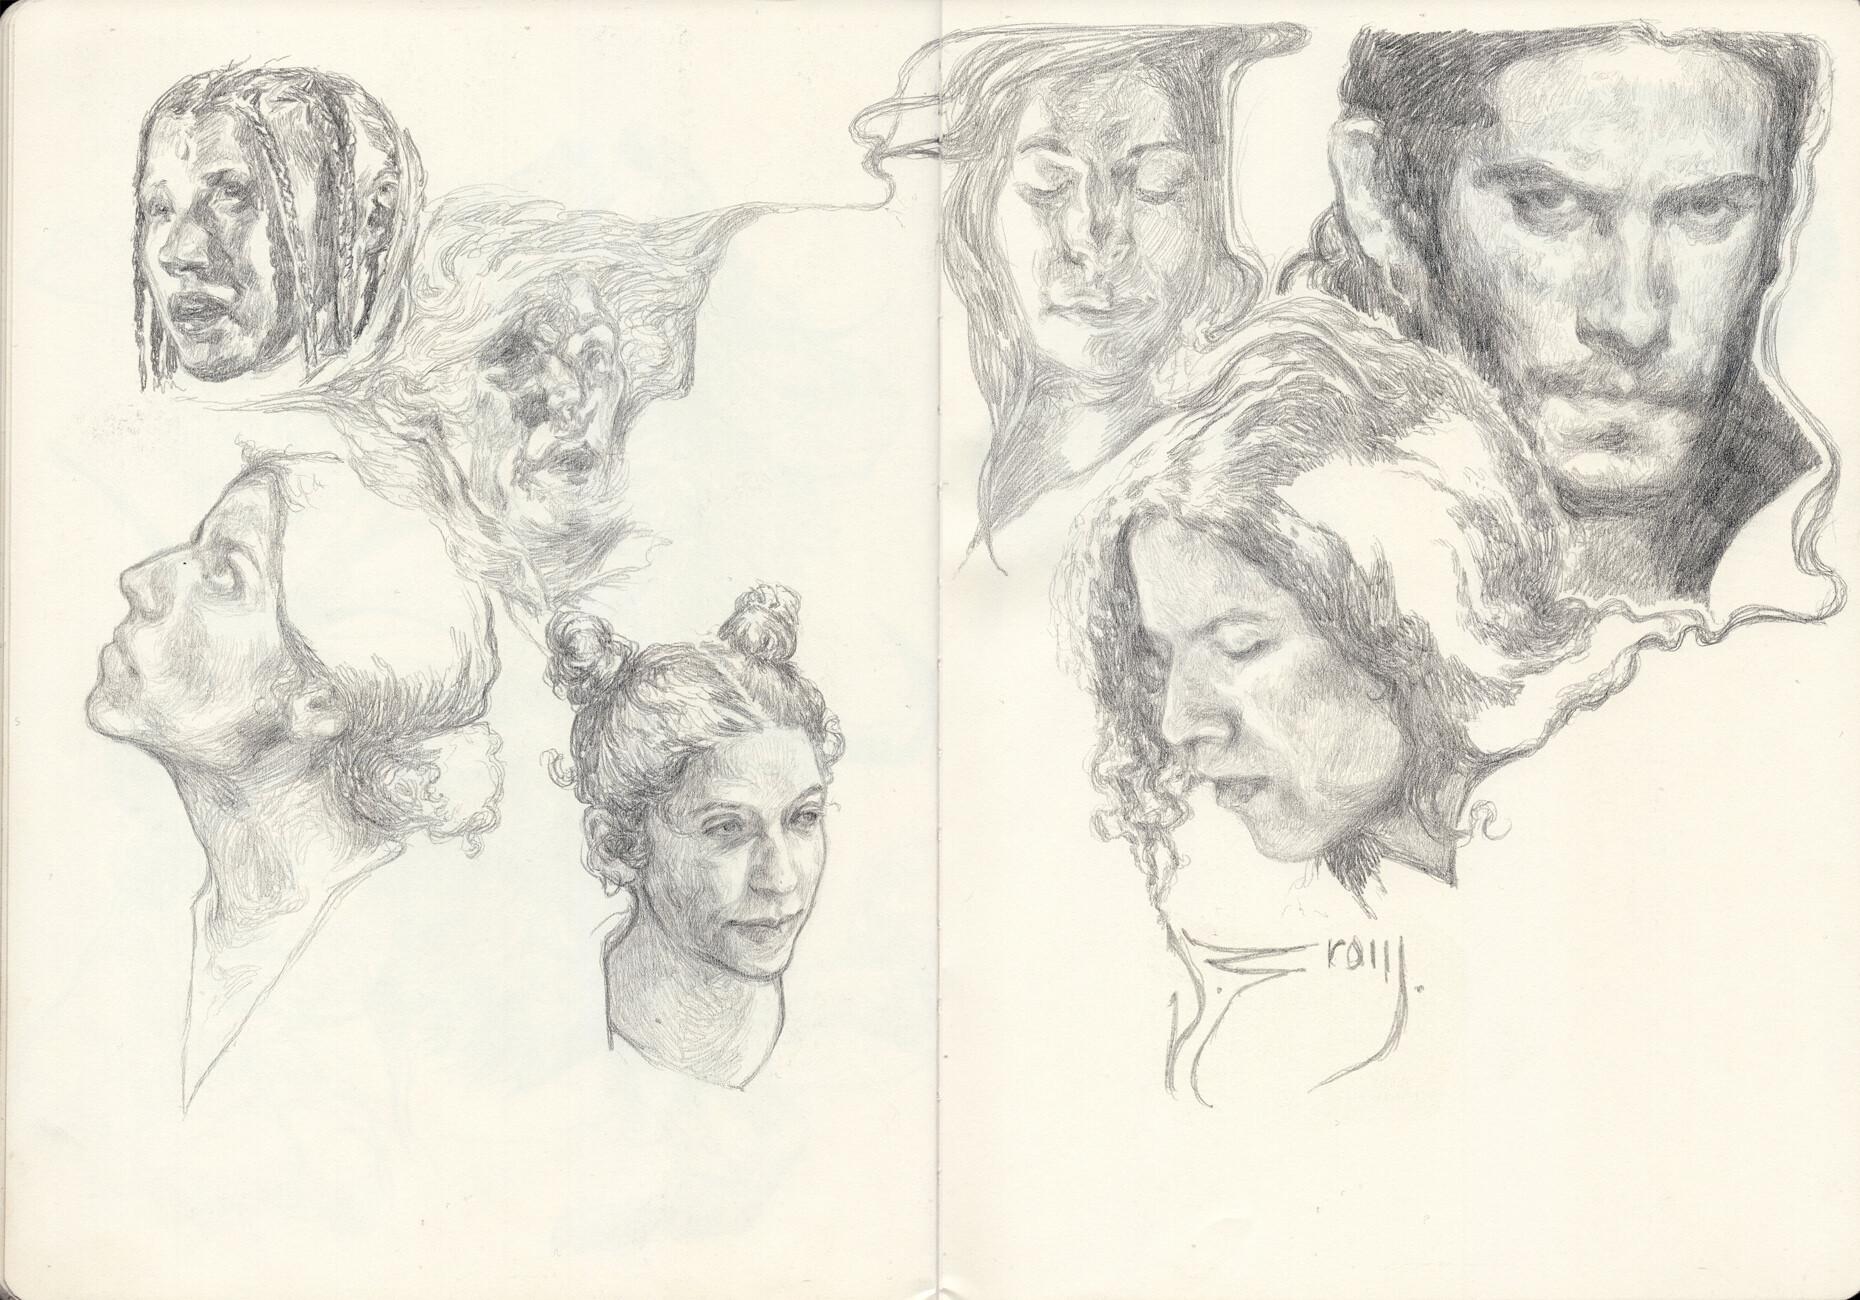 Daniel zrom danielzrom sketchbook20